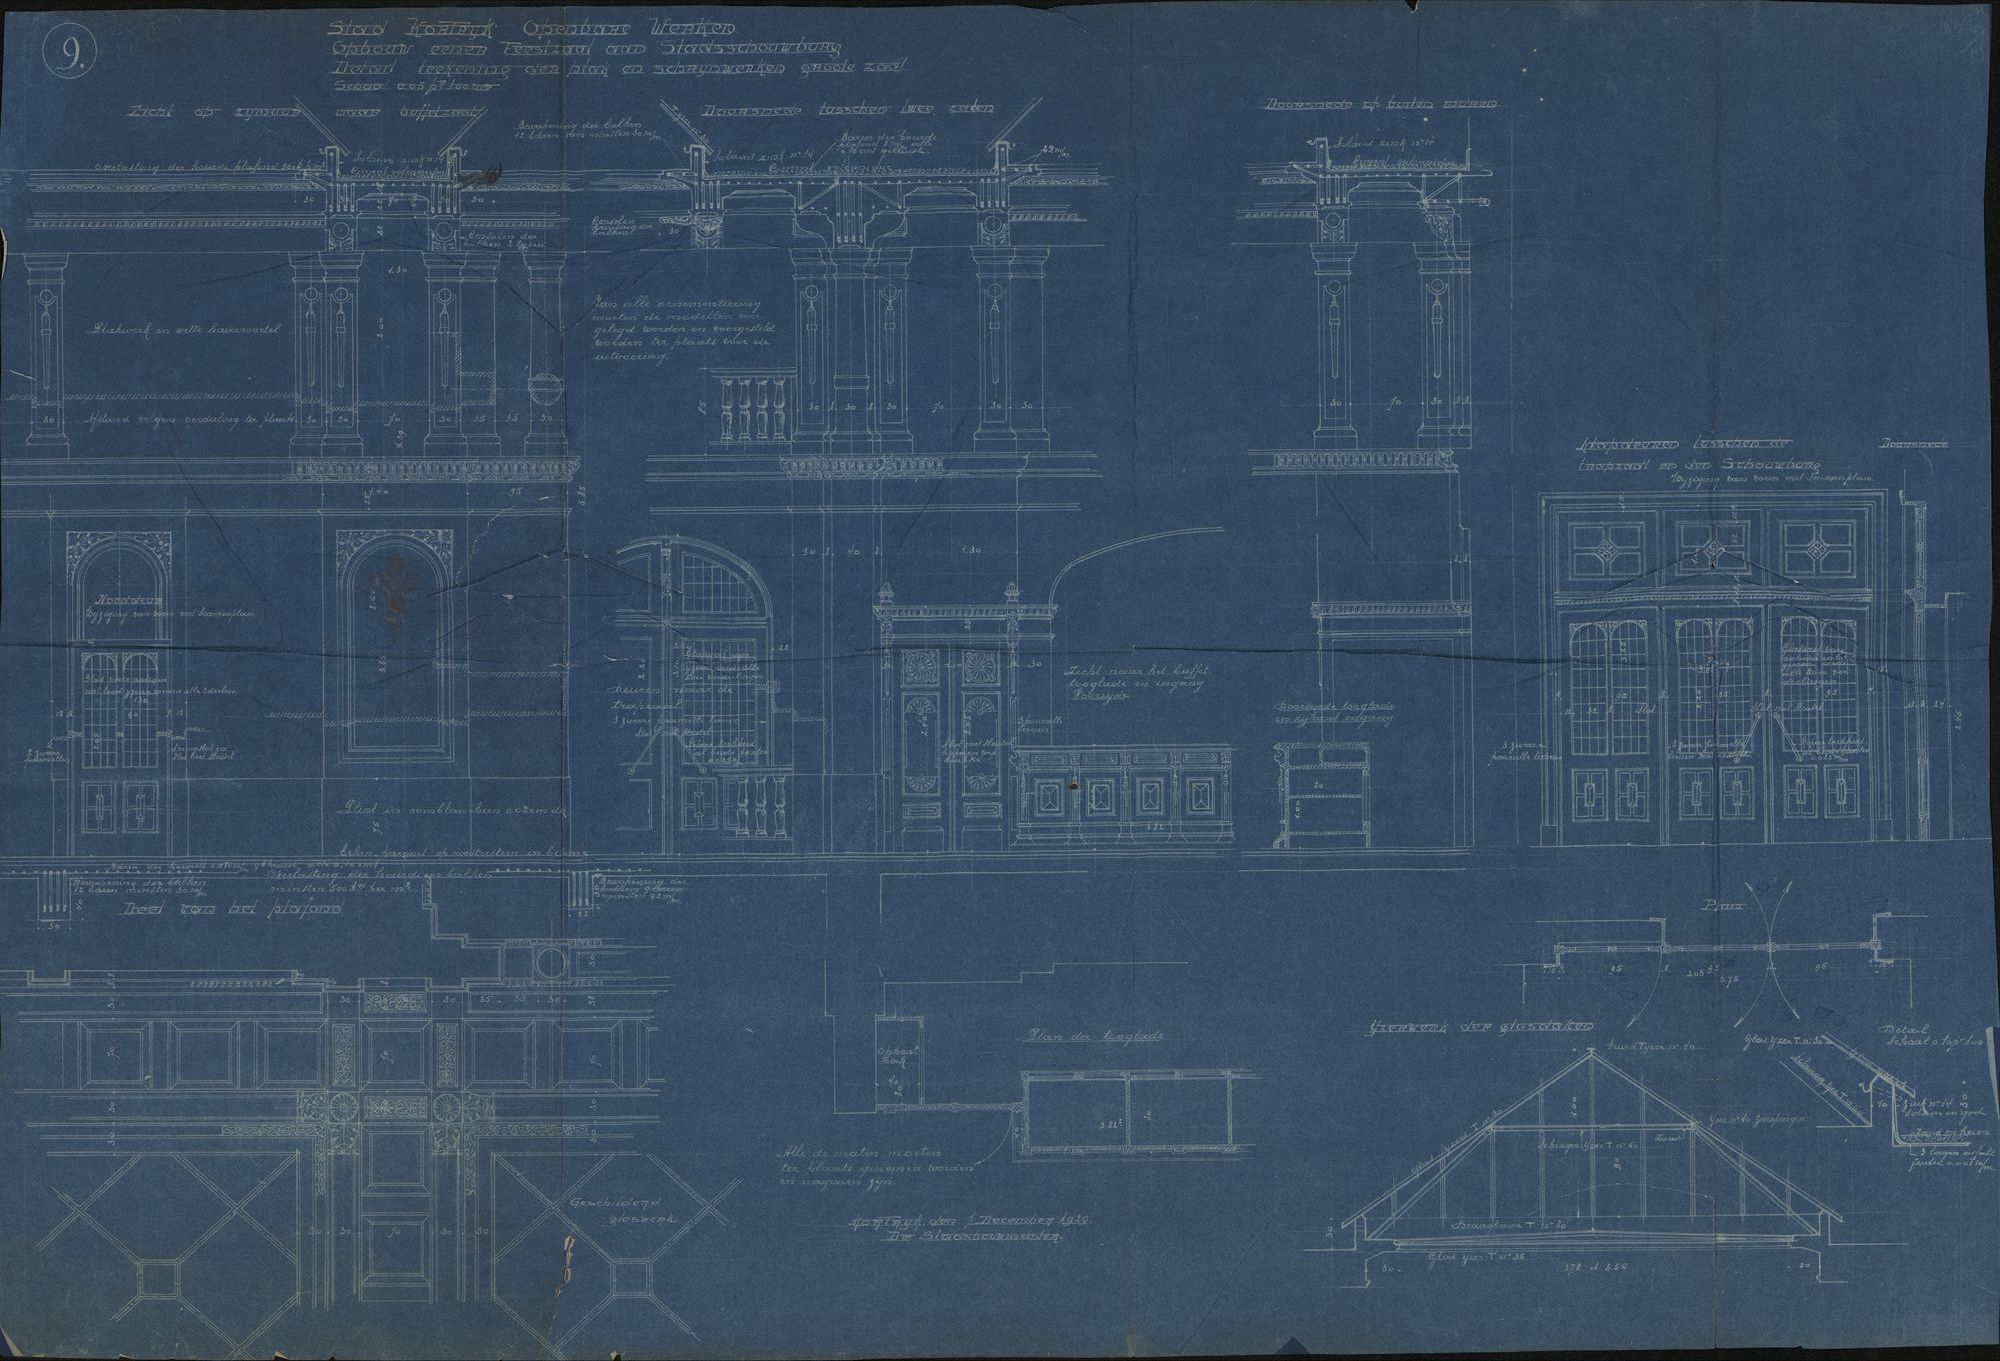 Bouwplannen van de verbouwing van de stadsschouwburg te Kortrijk, 1924-1930